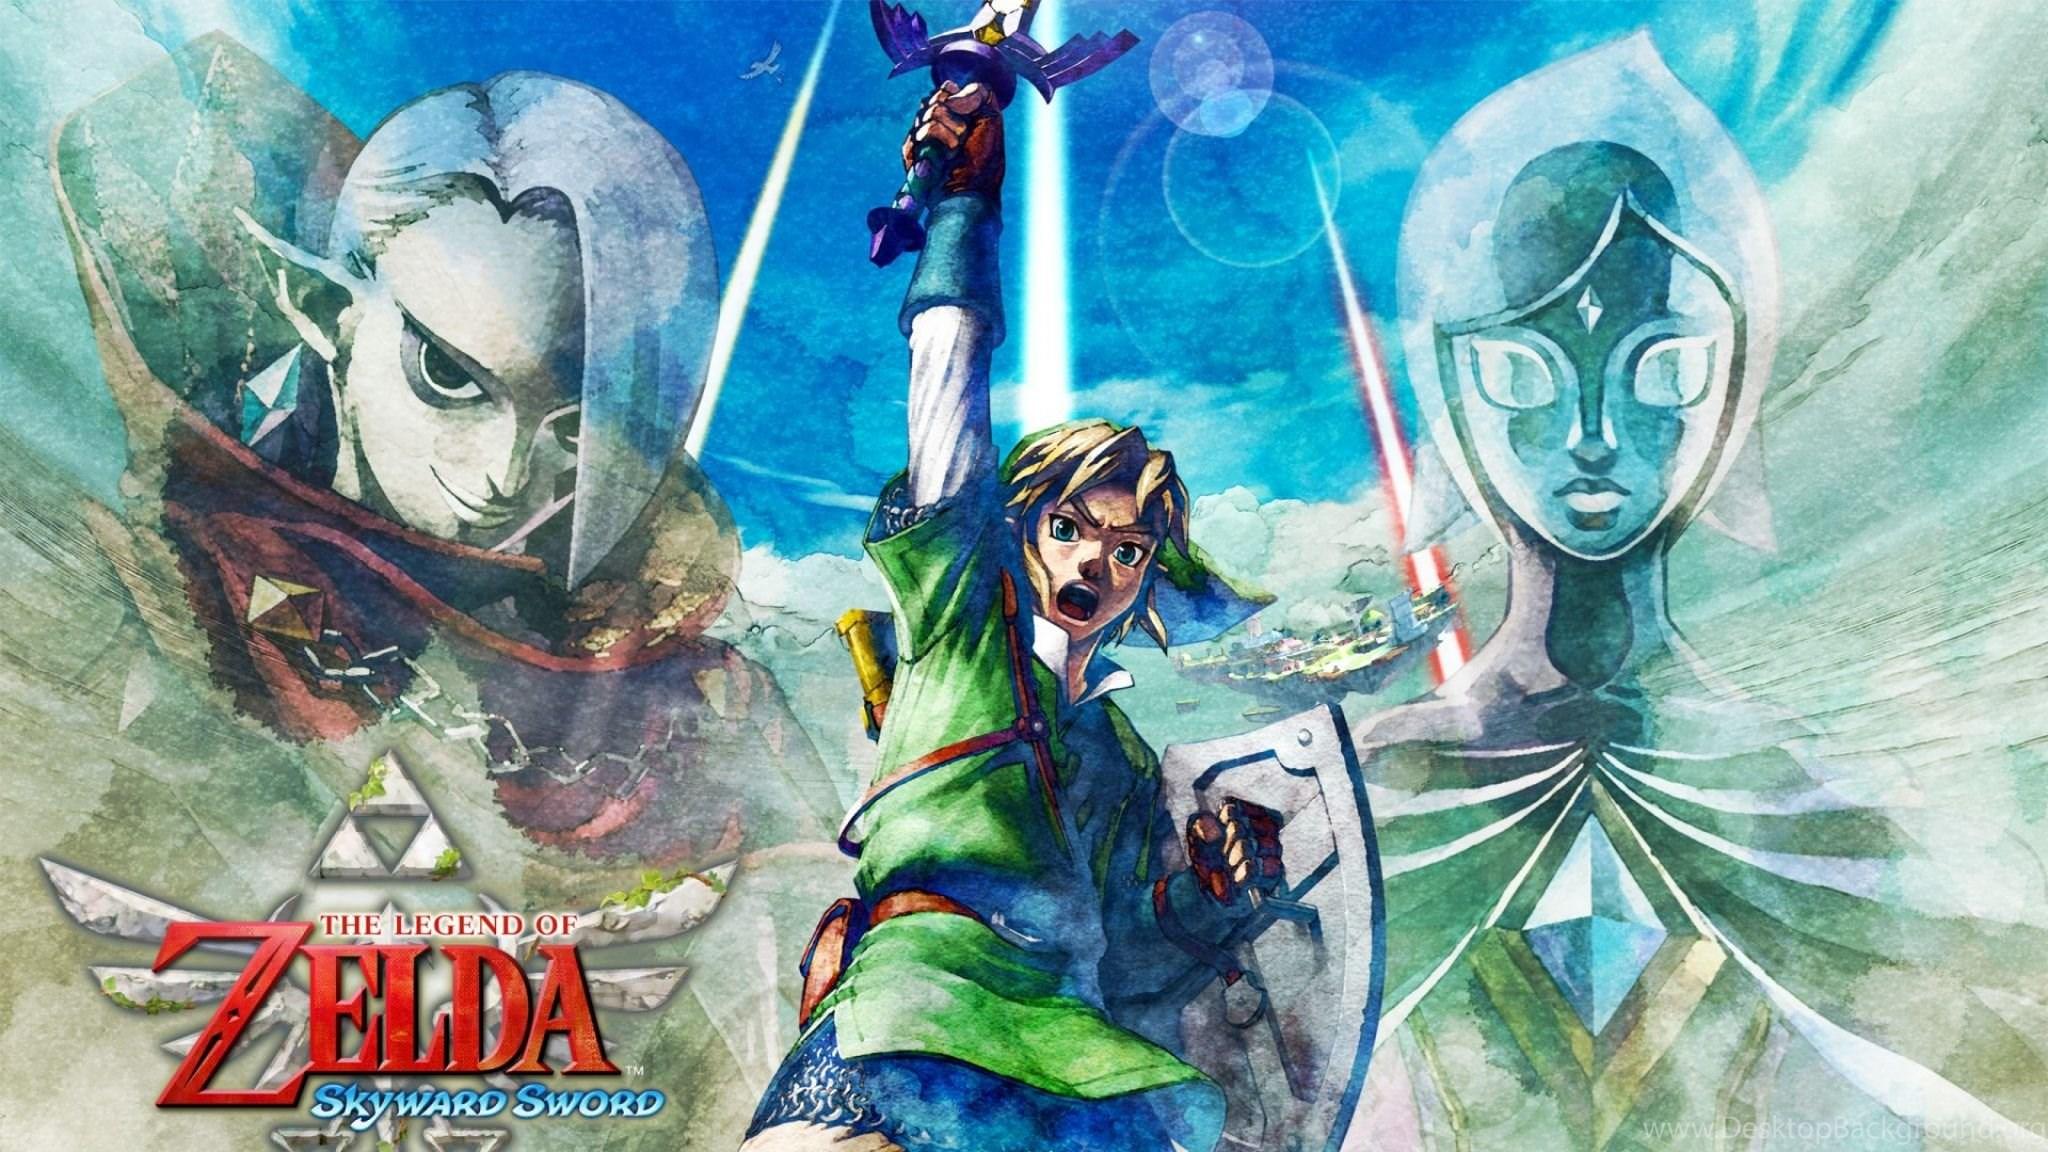 Download Wallpapers 2048x1152 The Legend Of Zelda Skyward